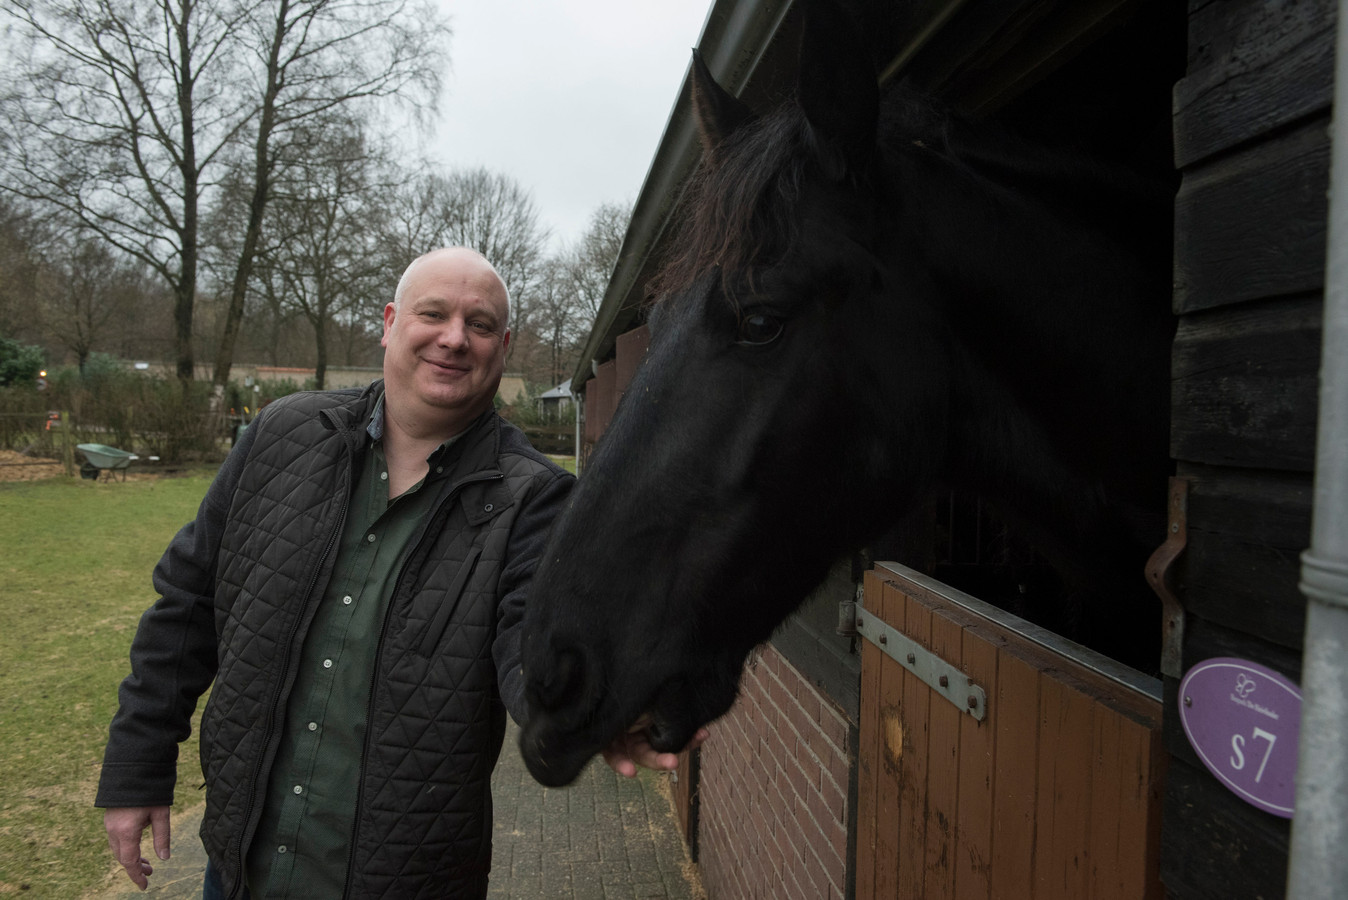 Karel Schoorl is eigenaar van De Heivlinder in Speuld. Hij wil zijn vakantiepark uitbreiden met dertig recreatiewoningen, waaronder twaalf paardenlodges.